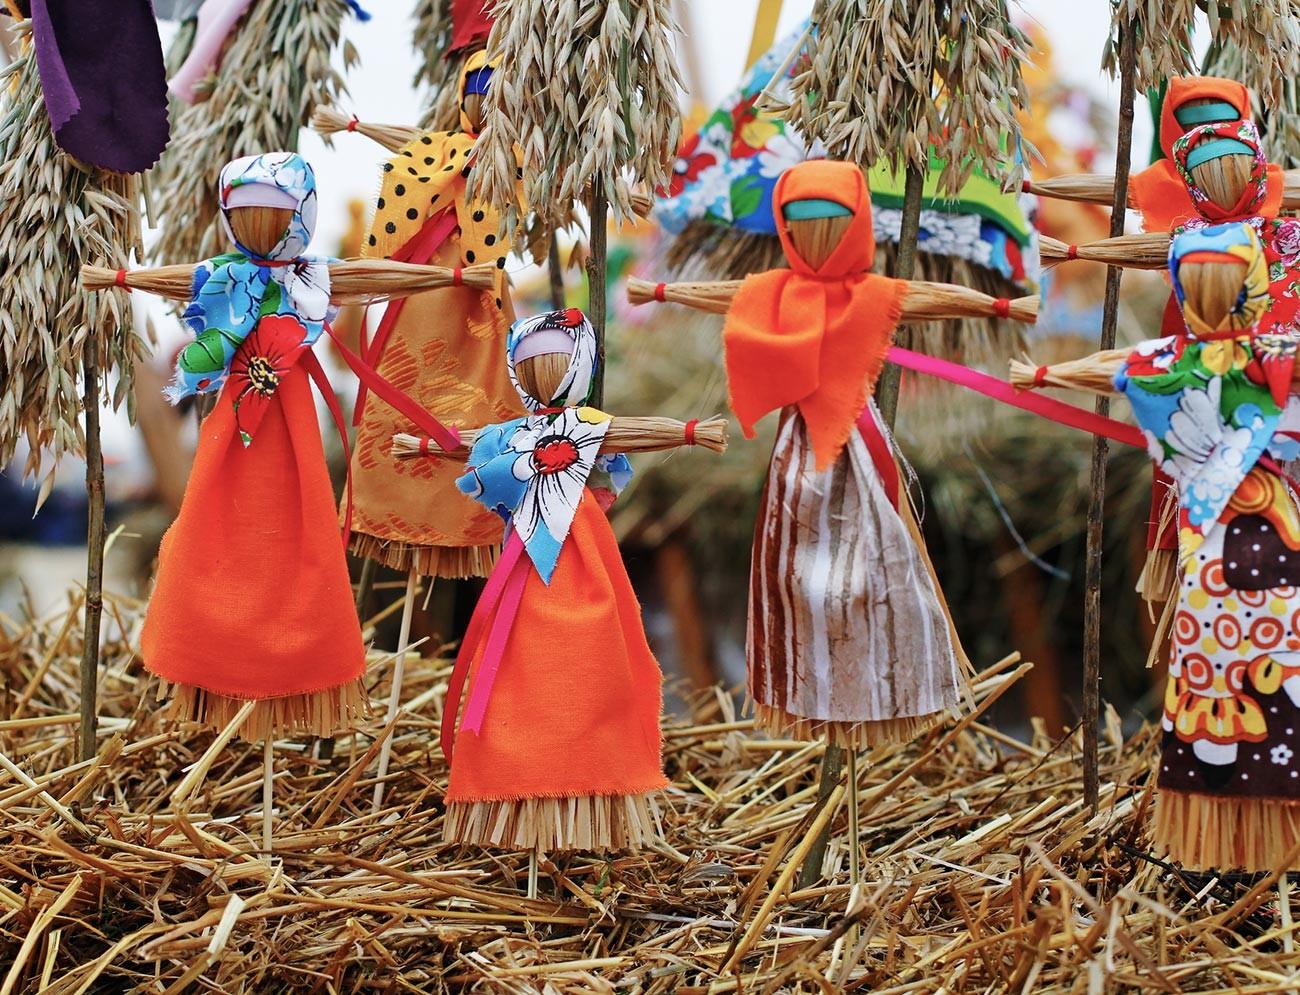 'Dancing' wicker dolls.